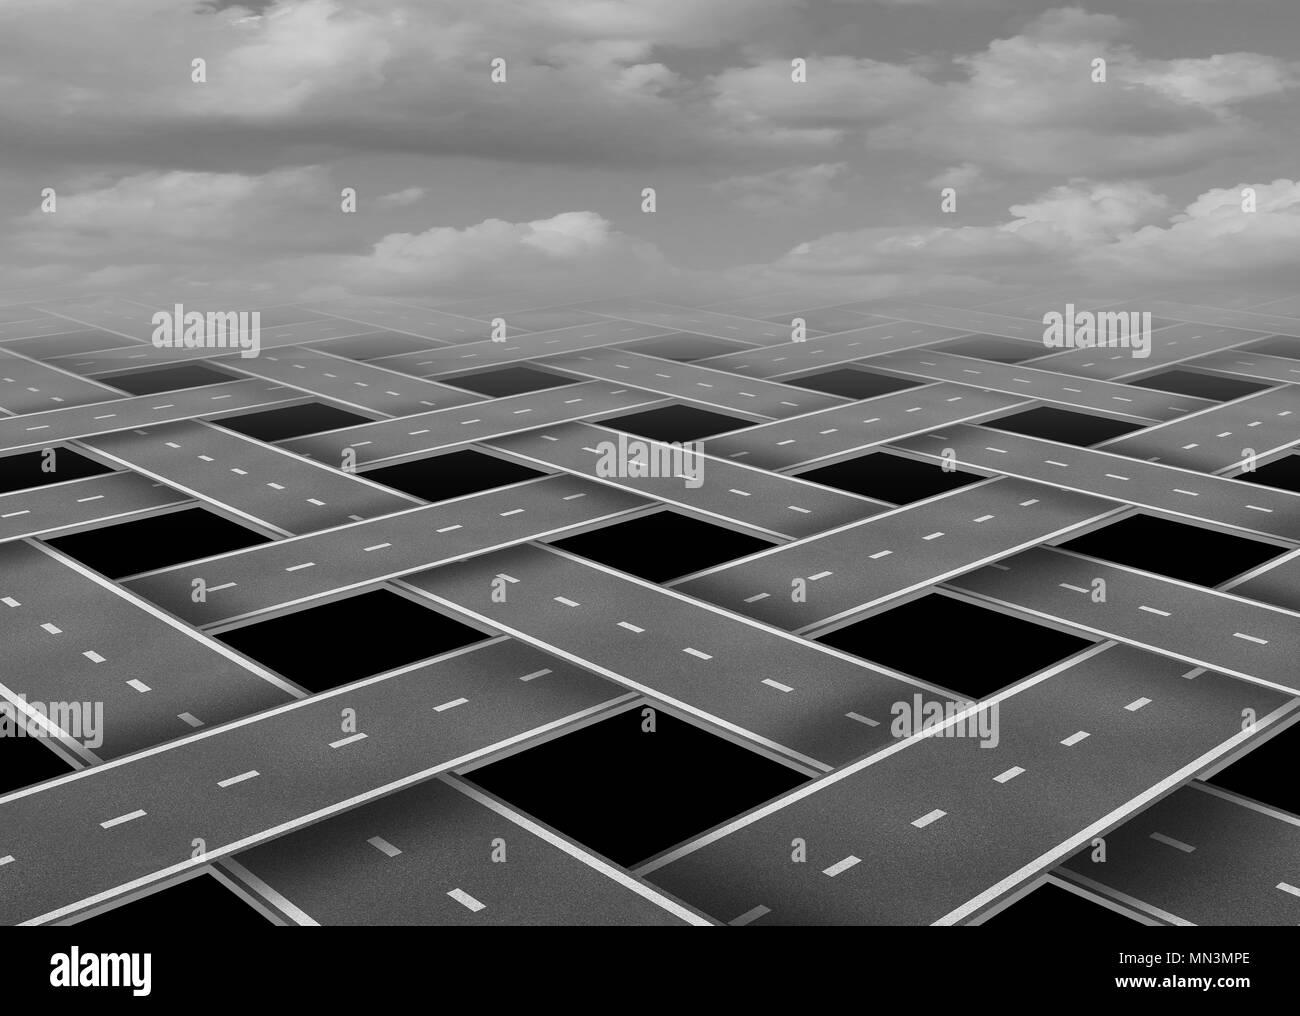 Transport Organisation und Straßenfahrt Konzept als organisierter managed Transit mit 3D-Illustration Elemente. Stockbild